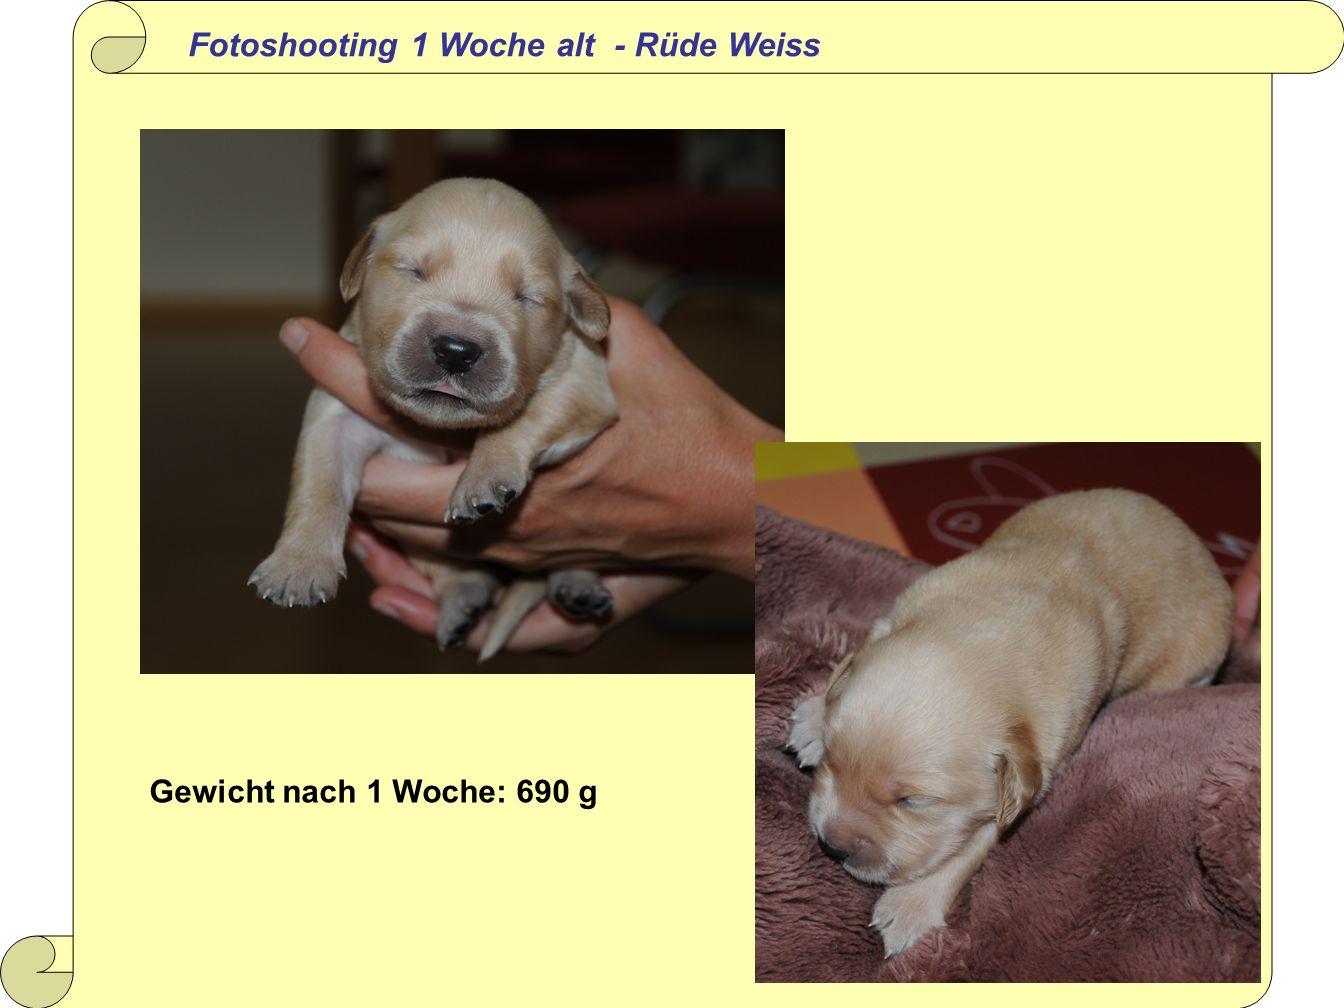 Fotoshooting 1 Woche alt - Rüde Weiss Gewicht nach 1 Woche: 690 g